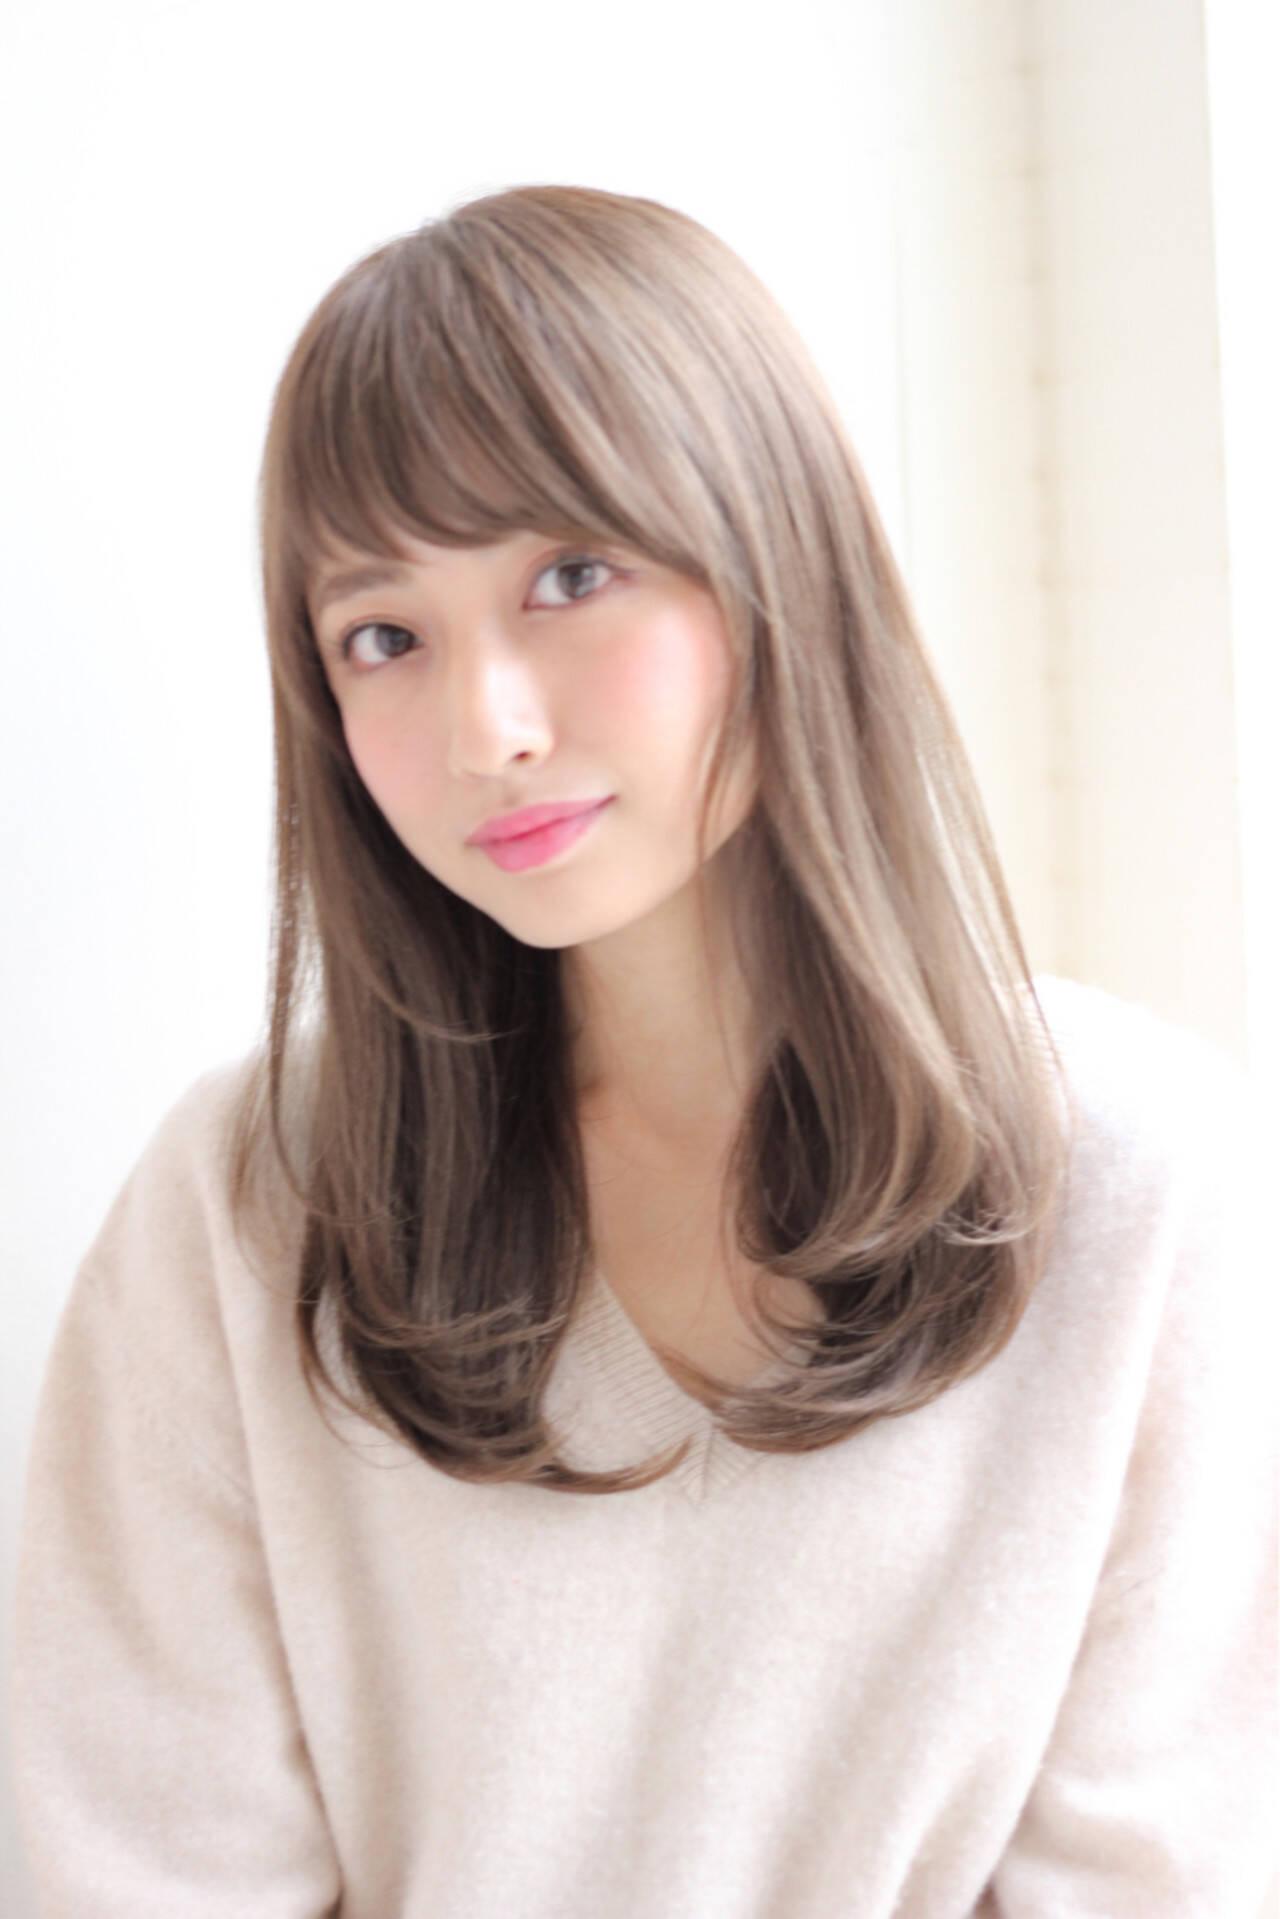 前髪あり セミロング 冬 グレージュヘアスタイルや髪型の写真・画像